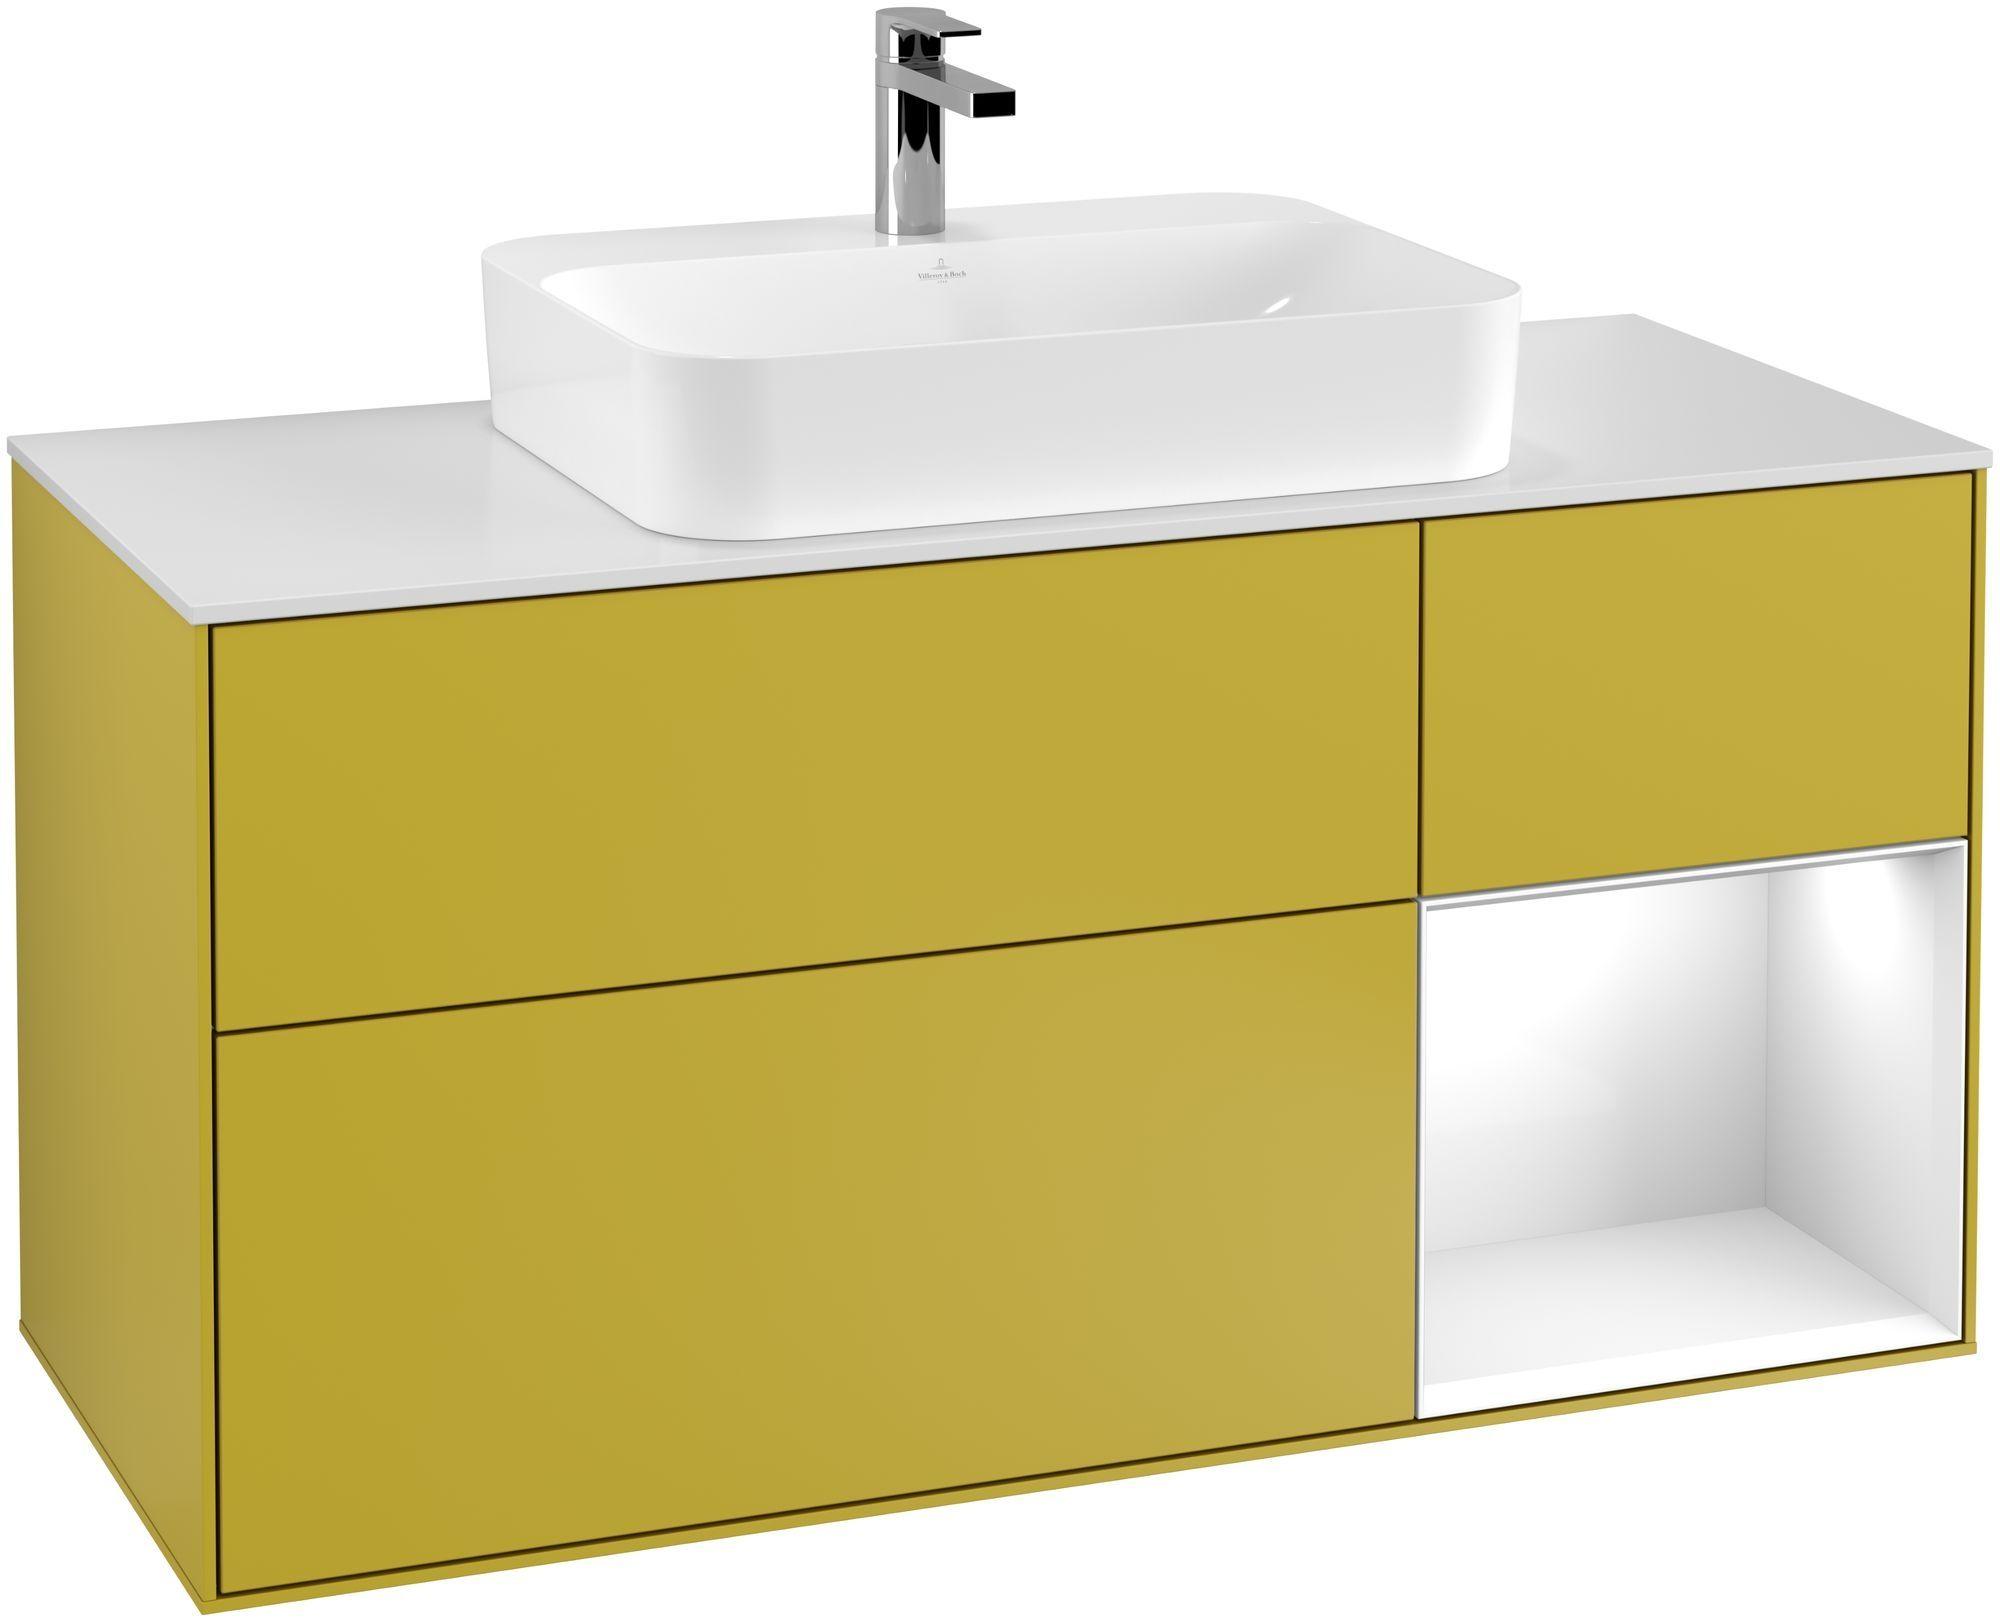 Villeroy & Boch Finion F42 Waschtischunterschrank mit Regalelement 3 Auszüge Waschtisch mittig LED-Beleuchtung B:120xH:60,3xT:50,1cm Front, Korpus: Sun, Regal: Glossy White Lack, Glasplatte: White Matt F421GFHE